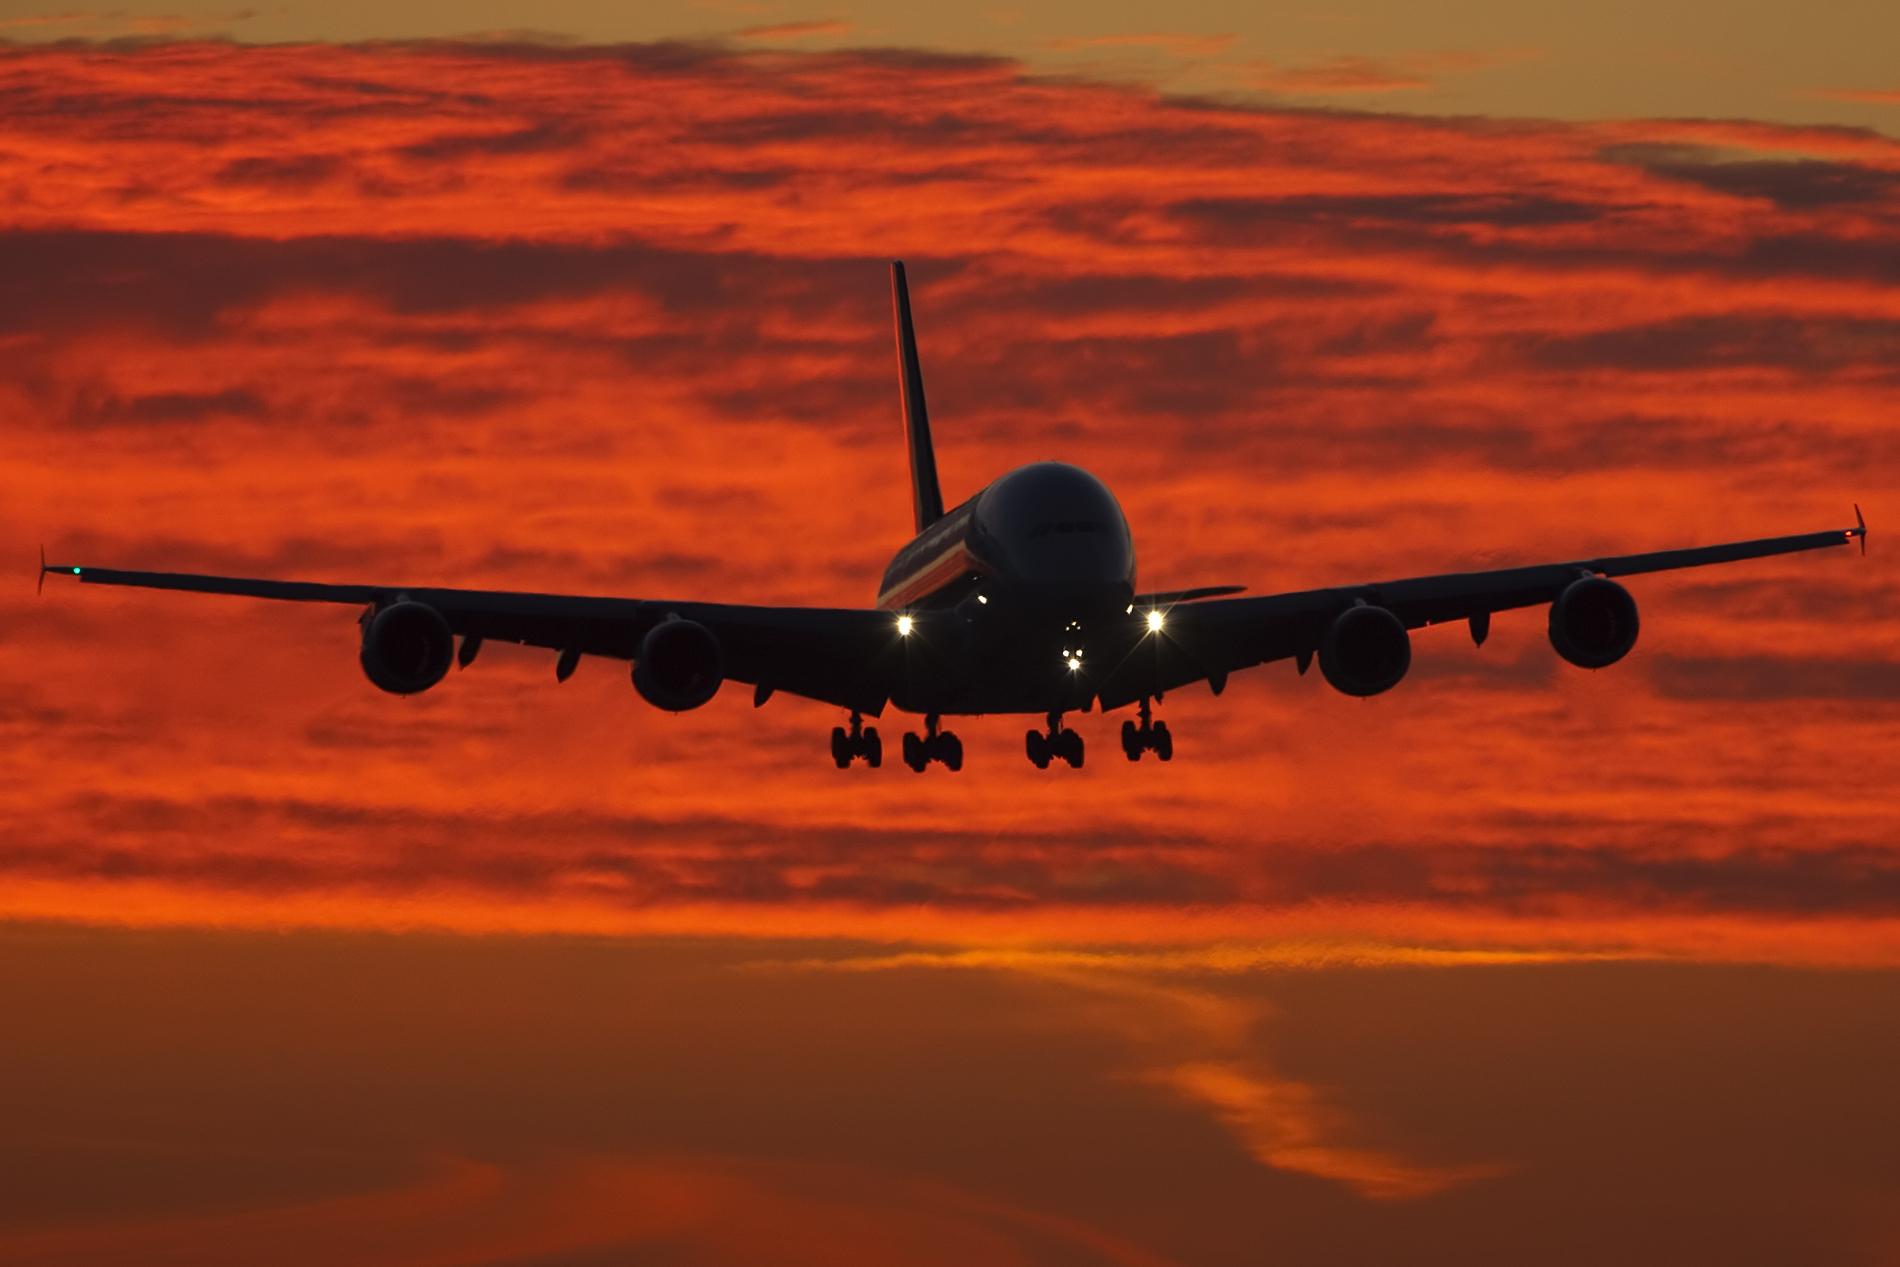 acft-a380-sunset2.jpg